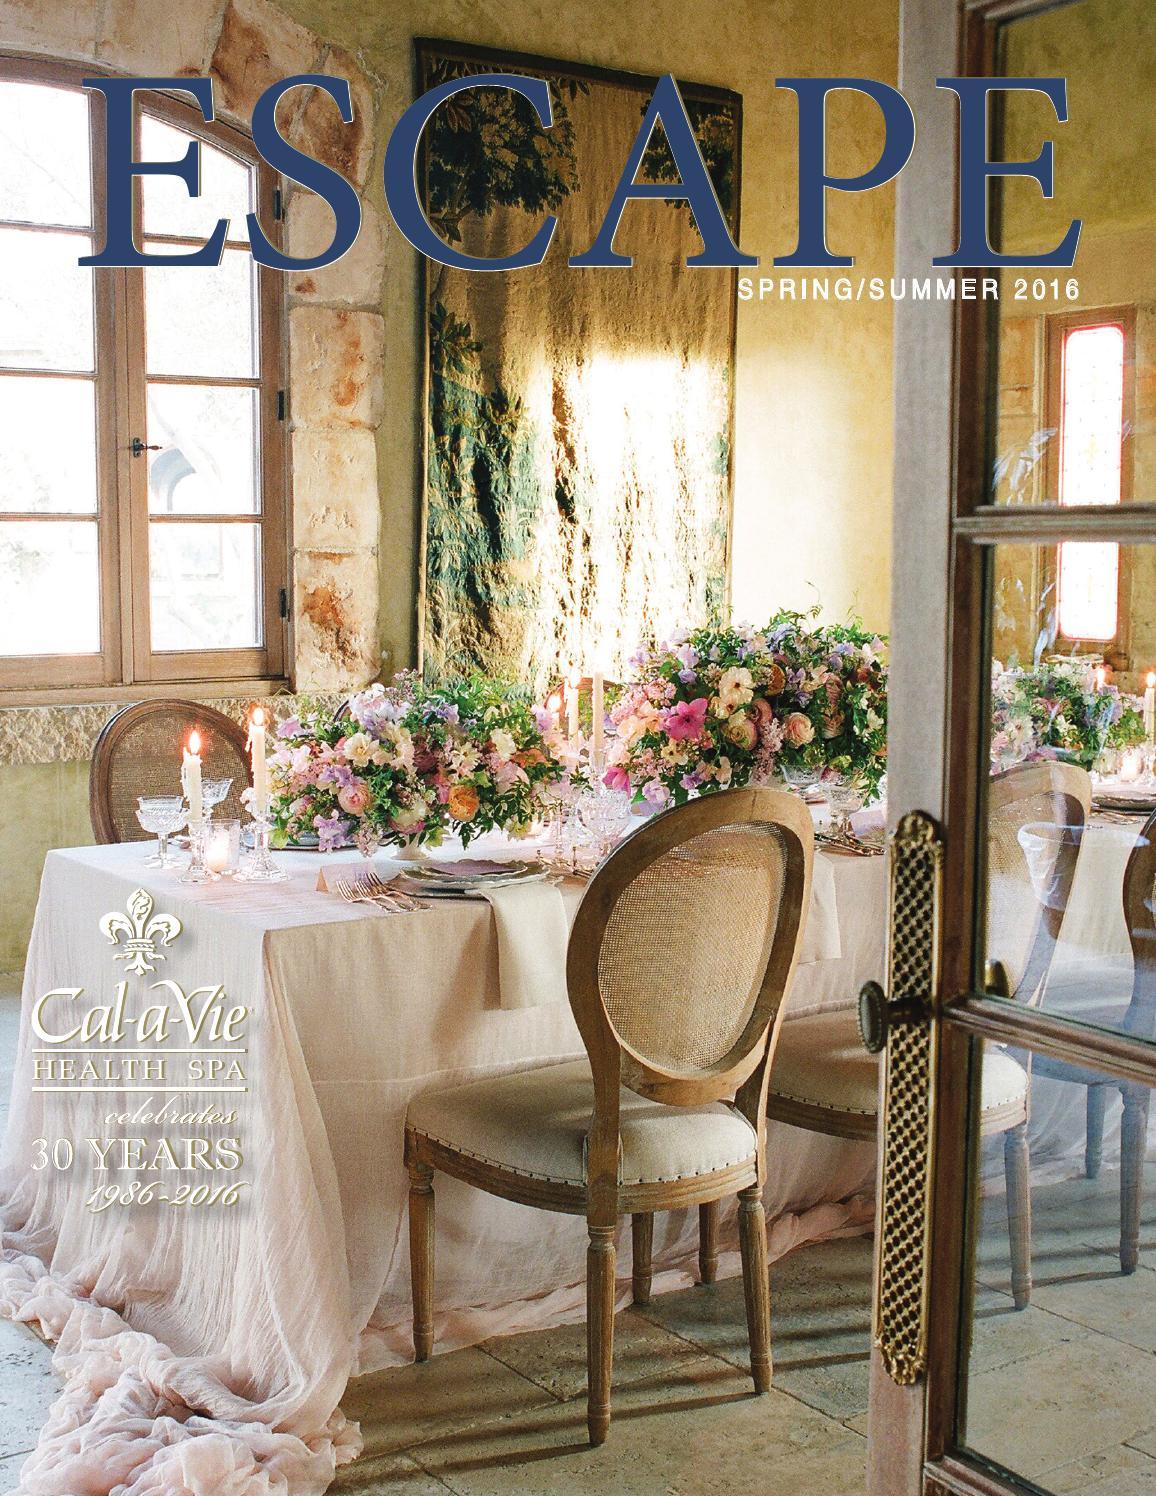 Escape spring summer 2016 by cal a vie health spa issuu for Cal a vie health spa